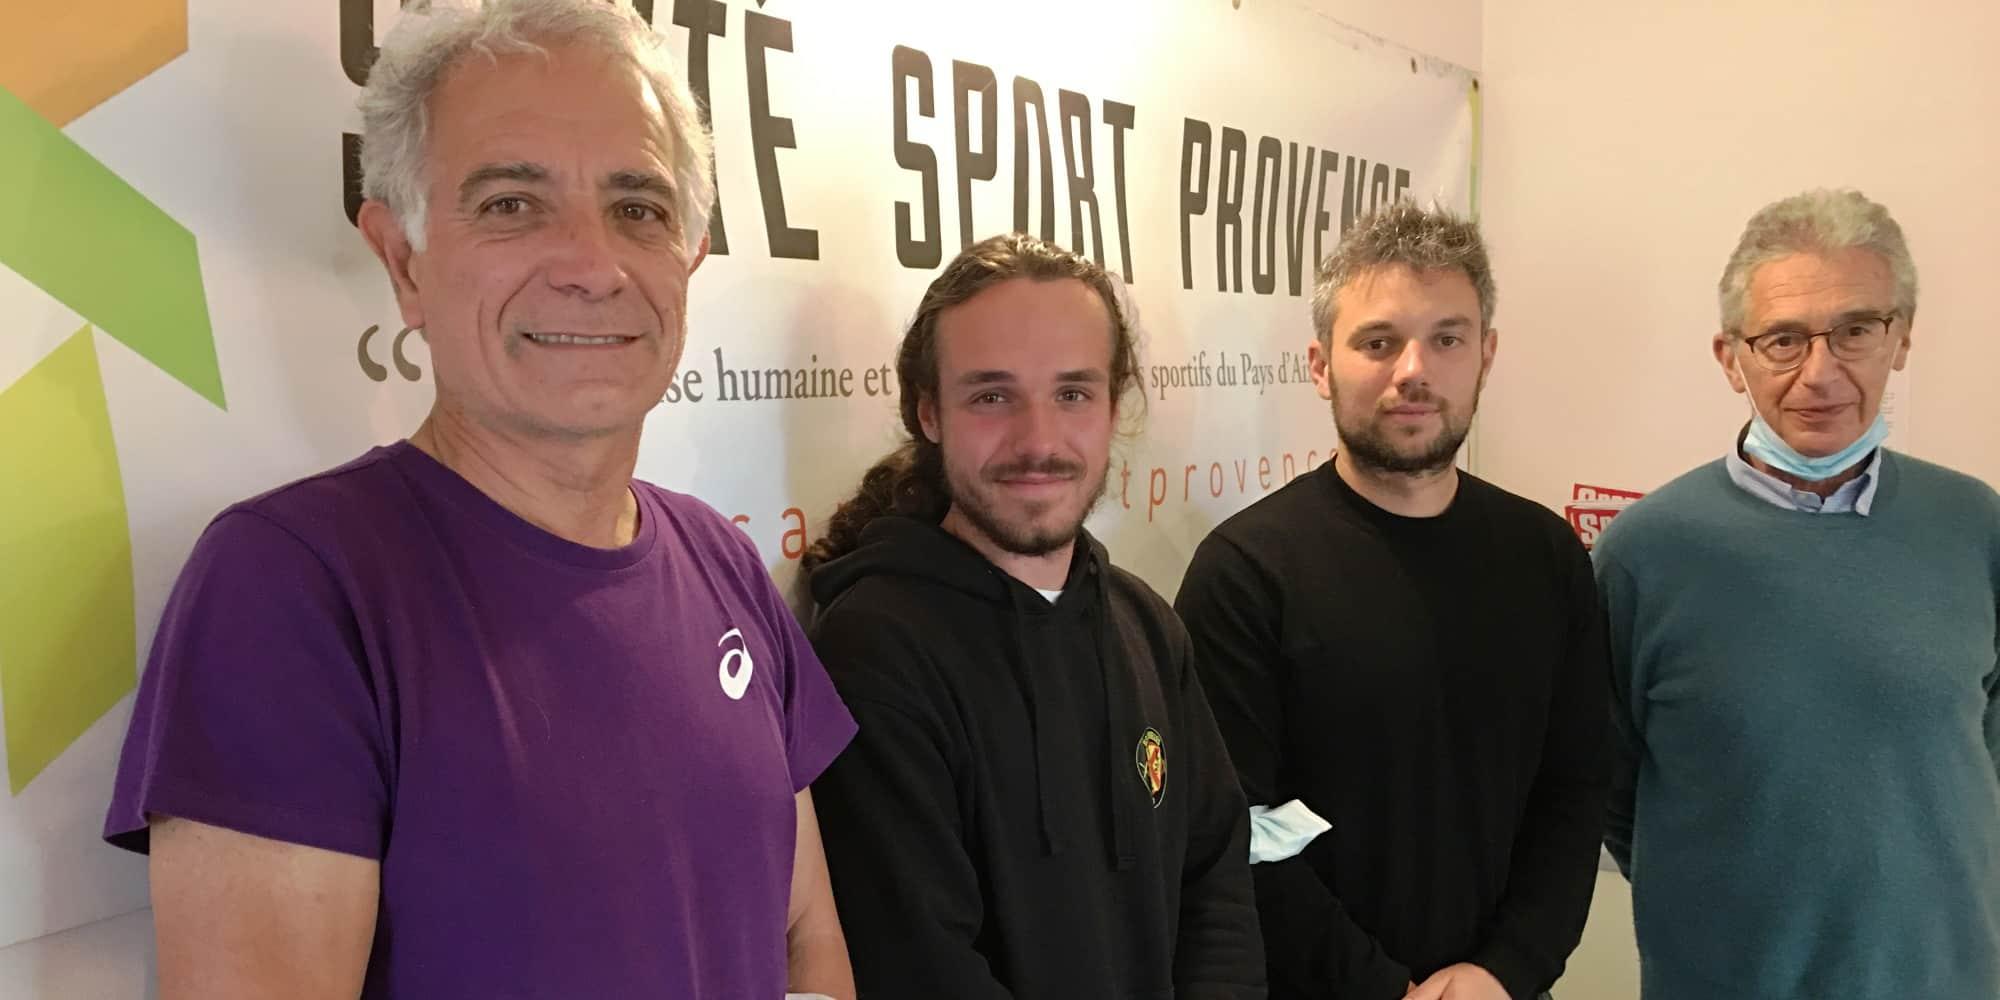 L'USV s'associe avec Santé Sport Provence !